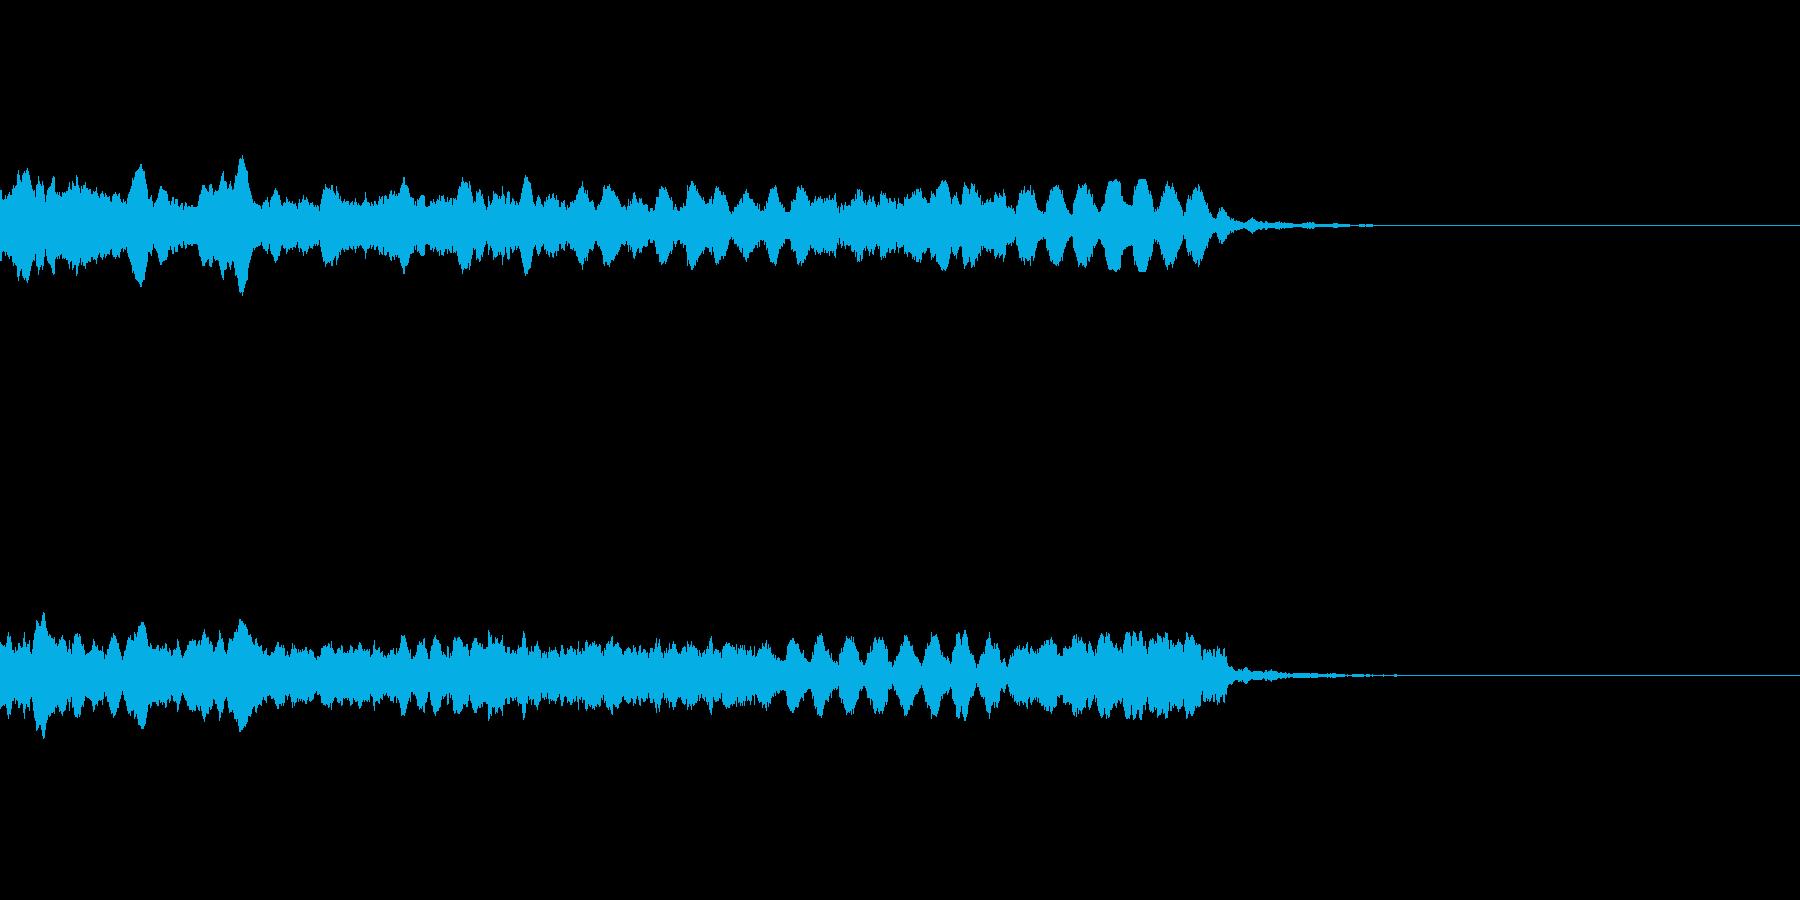 ダンスミュージックに合う上昇音の再生済みの波形